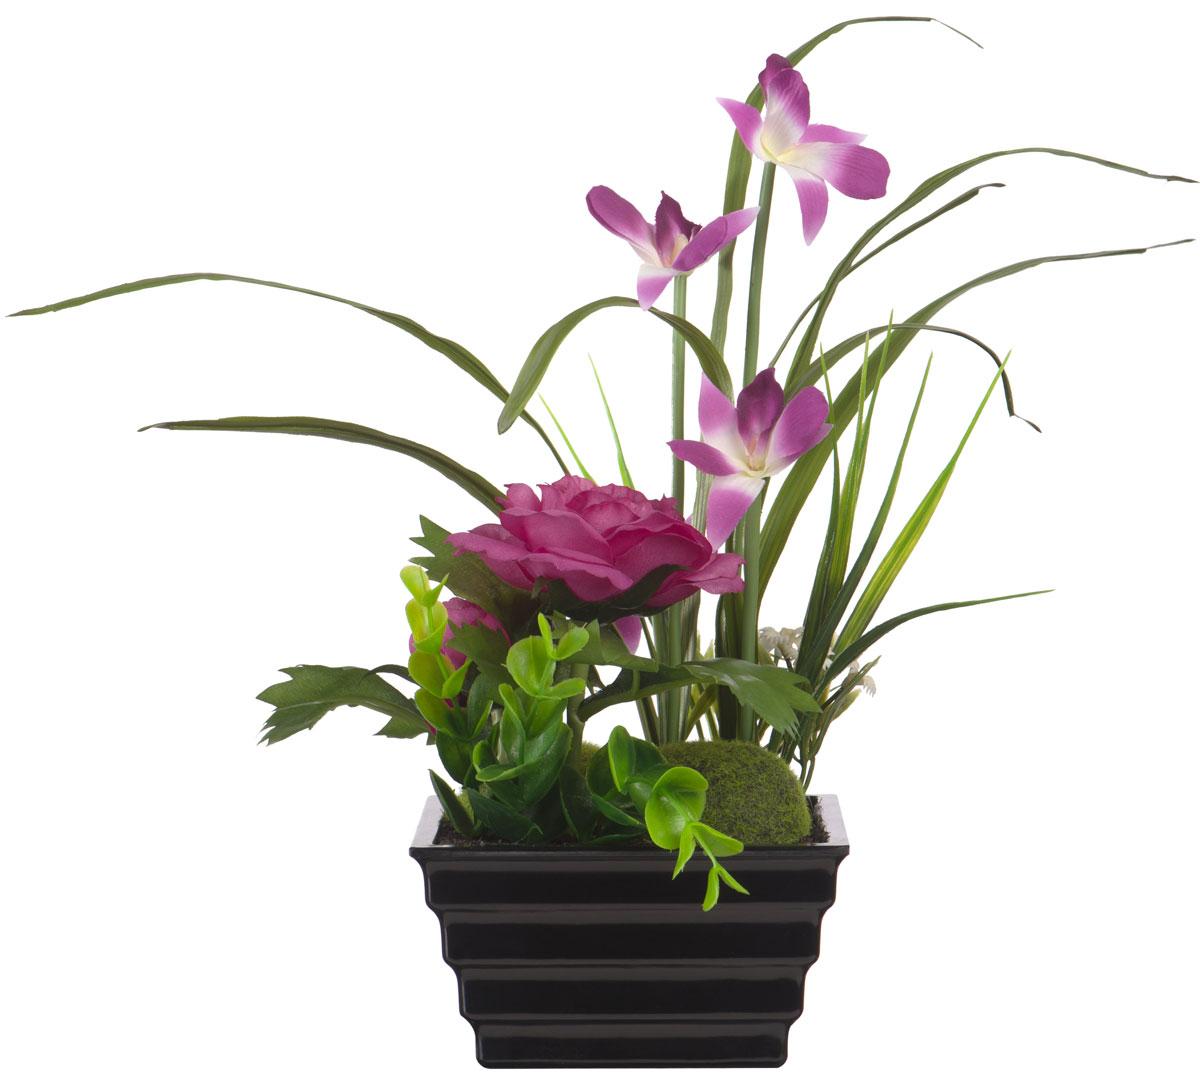 Всё просто : 16 самых красивых цветков в мире